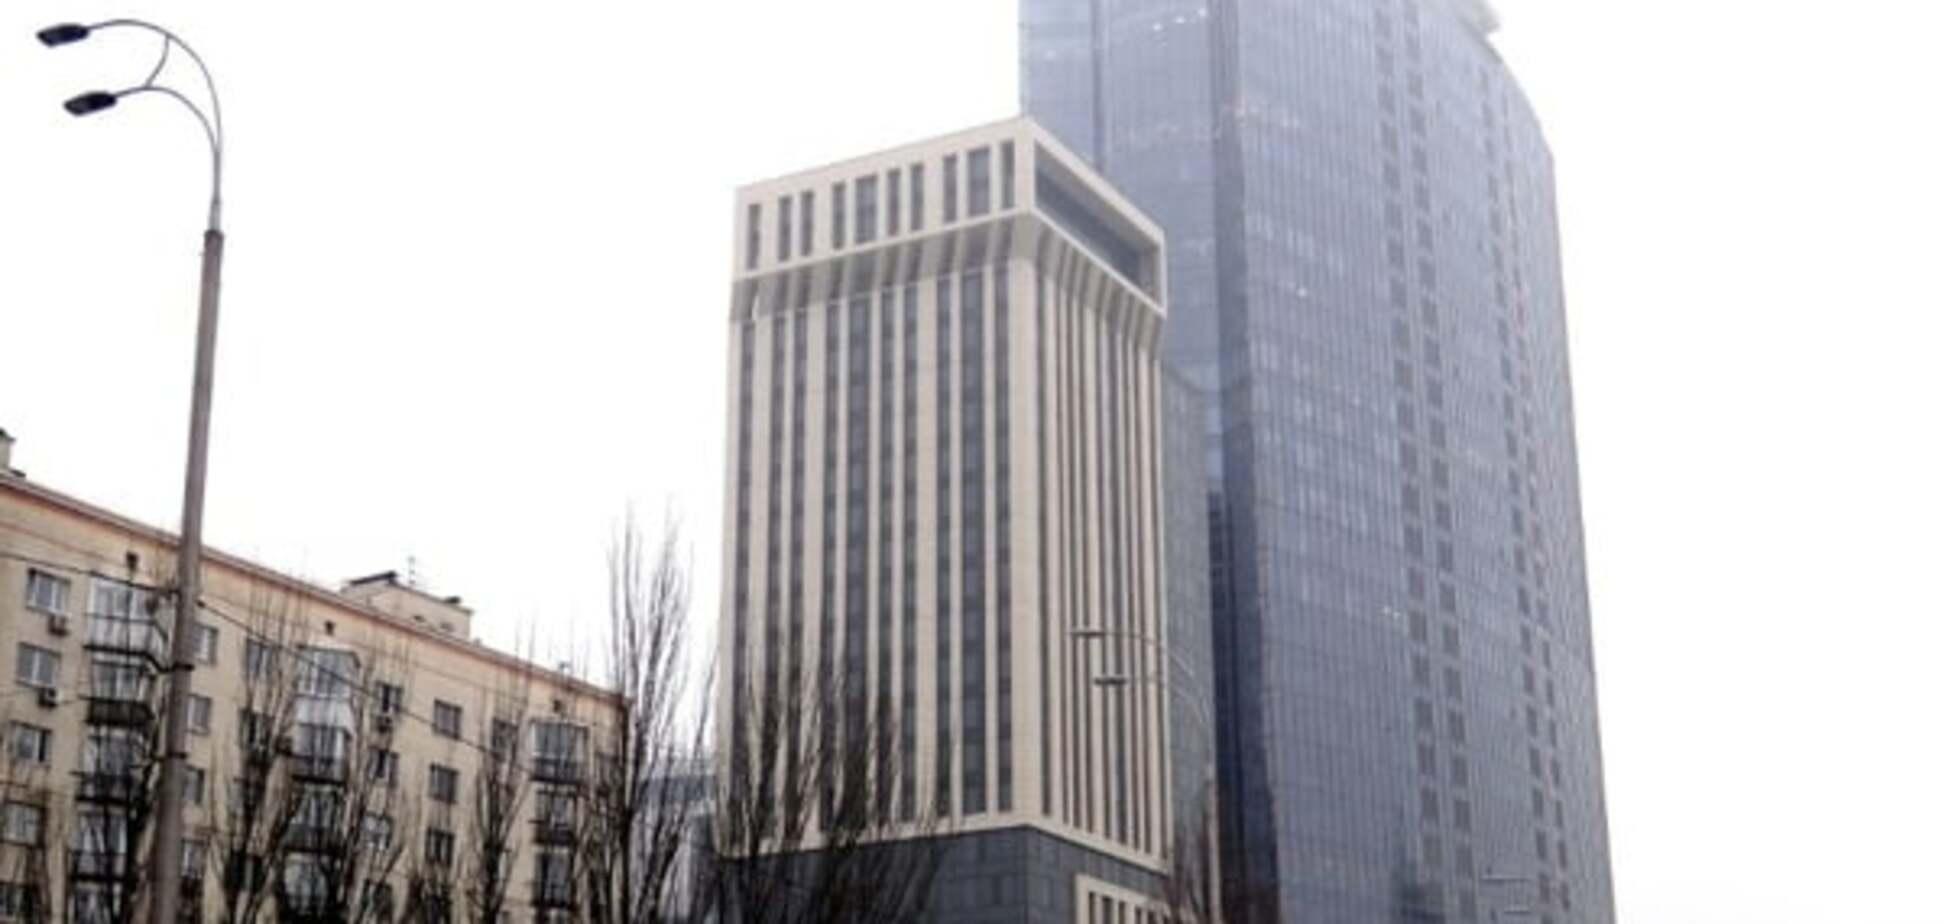 Гостиница-небоскреб завхоза Януковича: как отжималась госсобственность